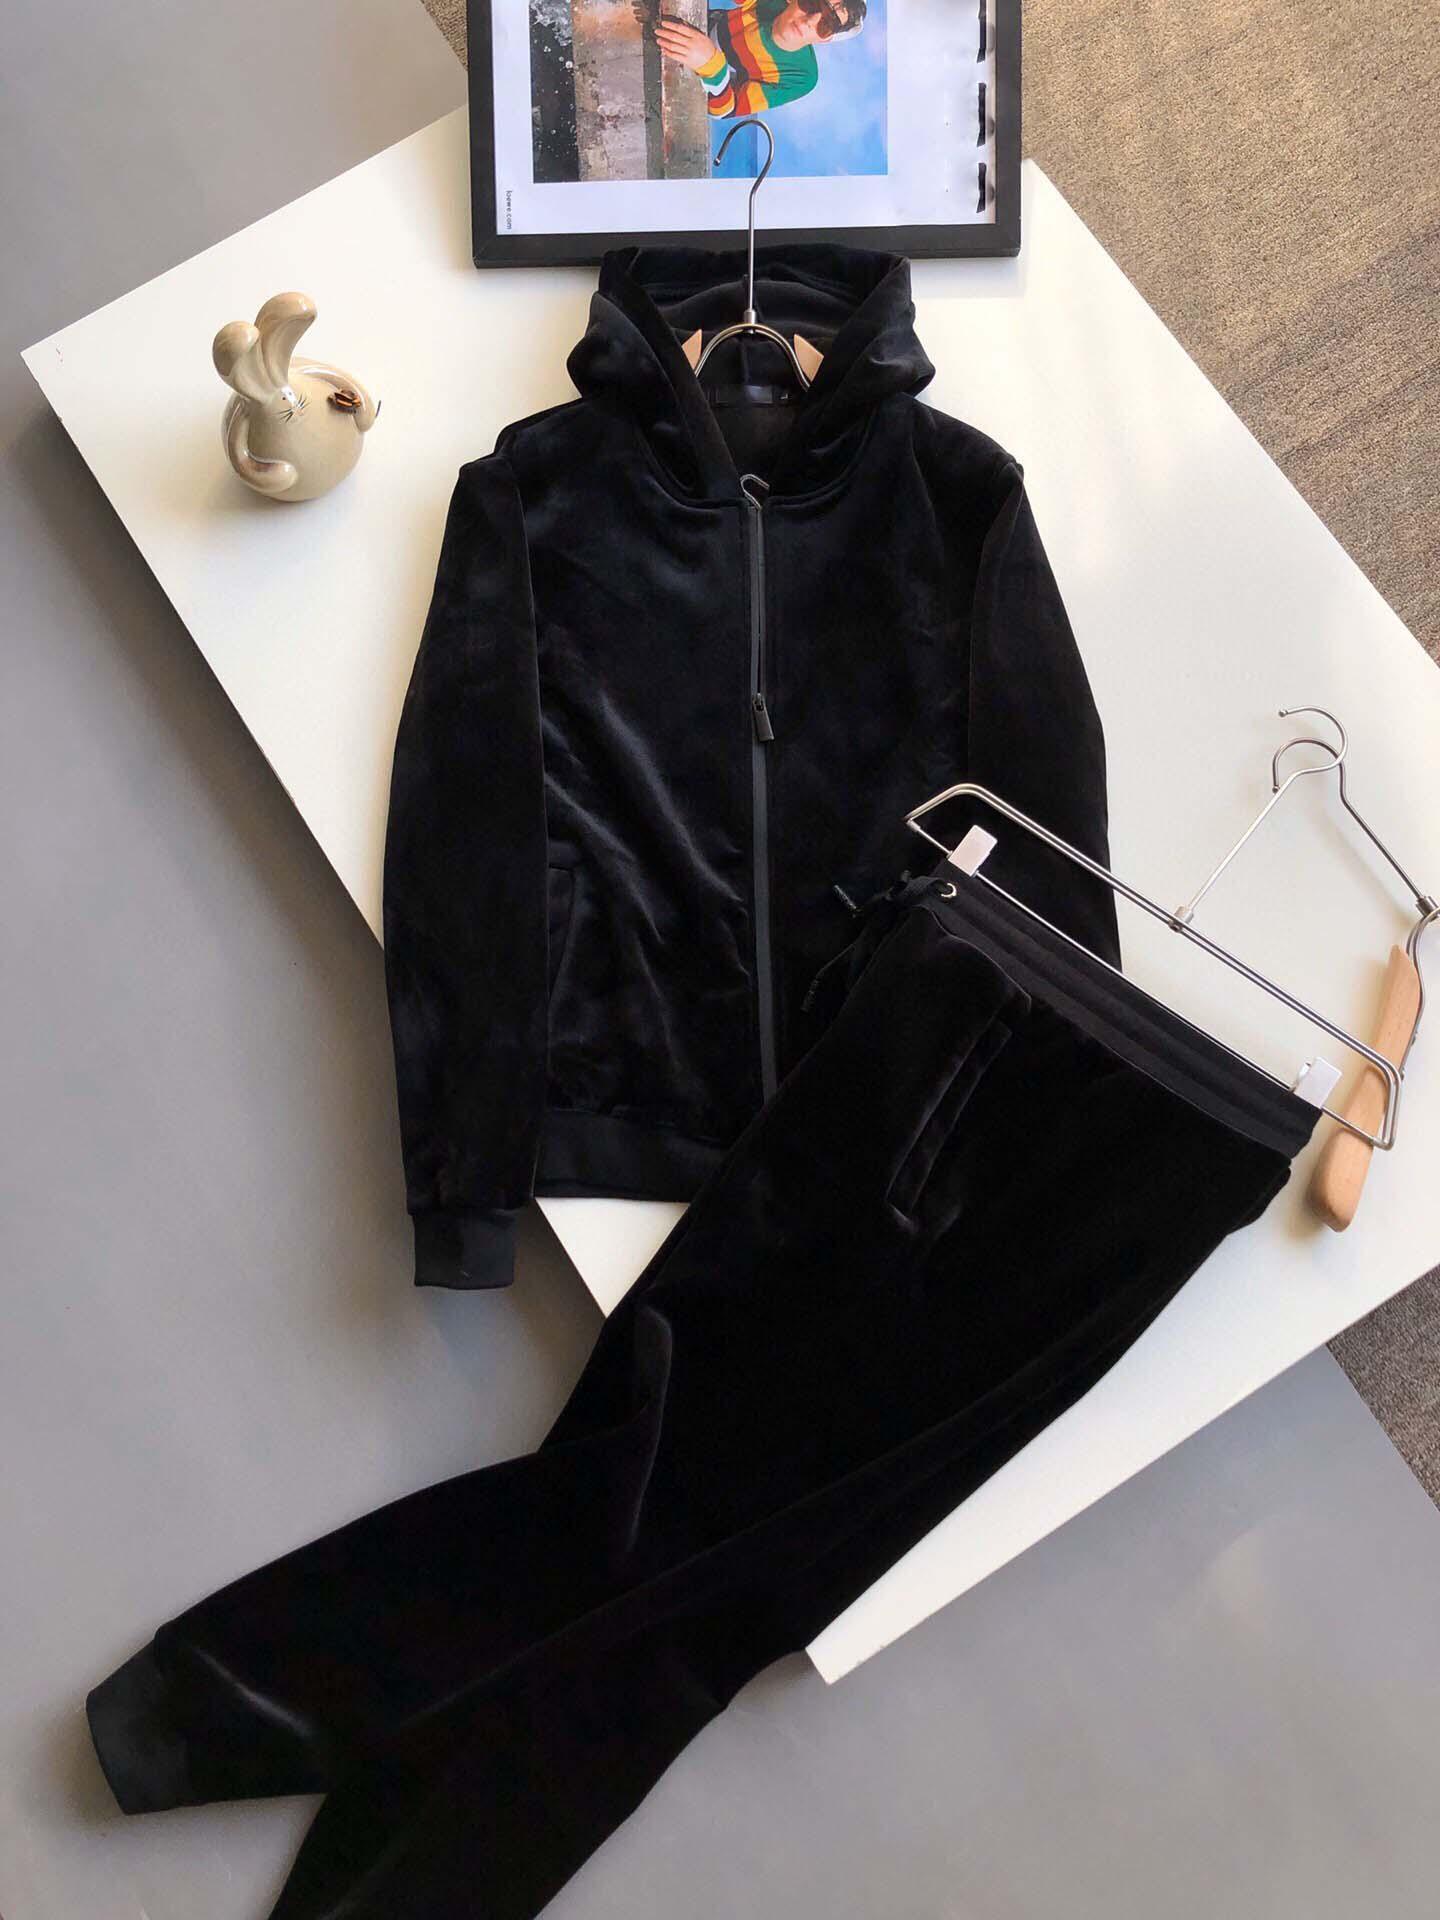 2020 Neue Marke Designer Buchstabedrucken Herren-Pull-Pull anzug Sportkleidung Anzug Herren-Jacke-Jacke Beiläufiges Sweatshirt mit Kapuze Läu